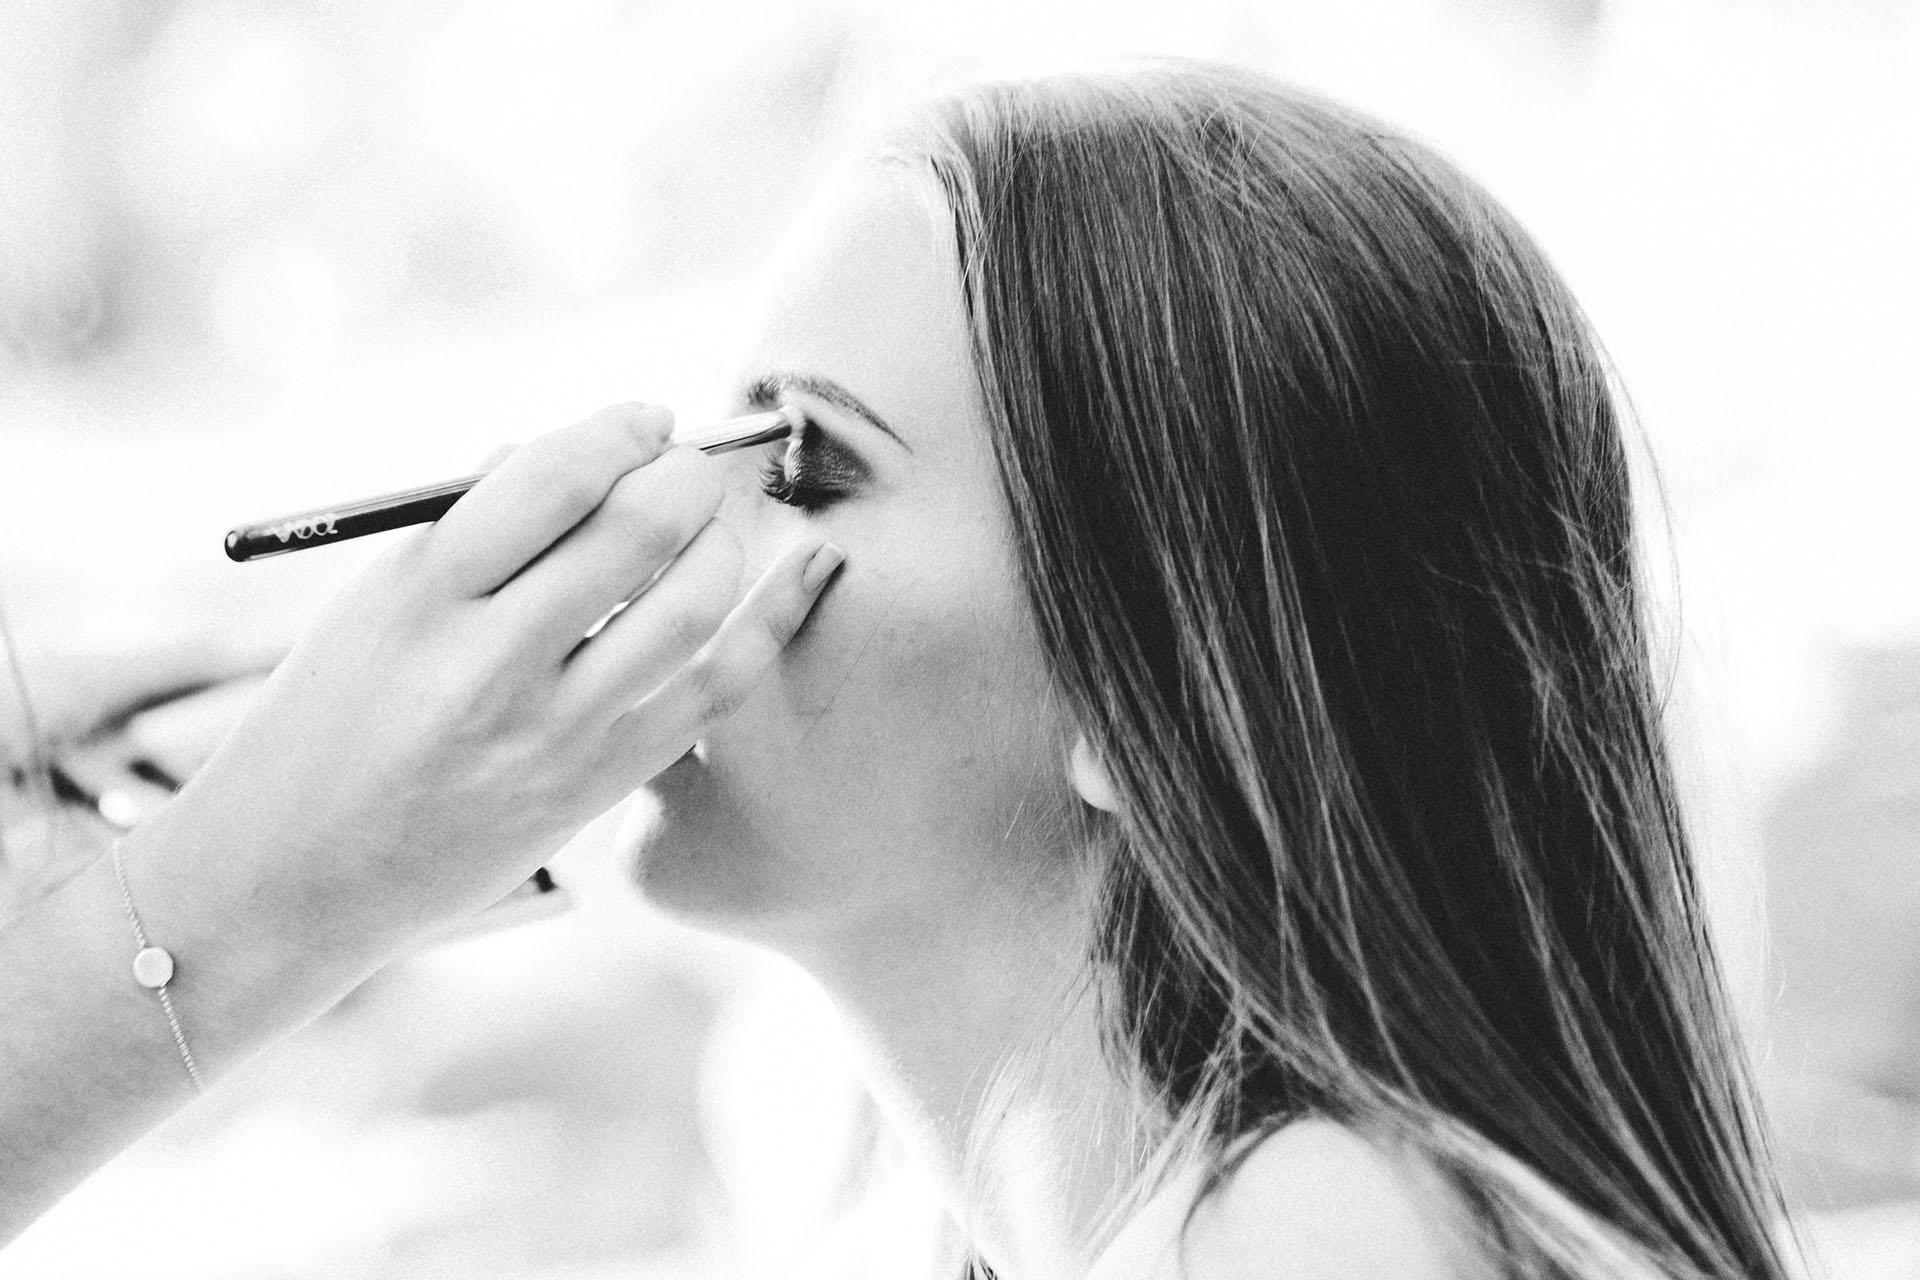 Nahaufnahme einer Frau, die geschminkt wird.